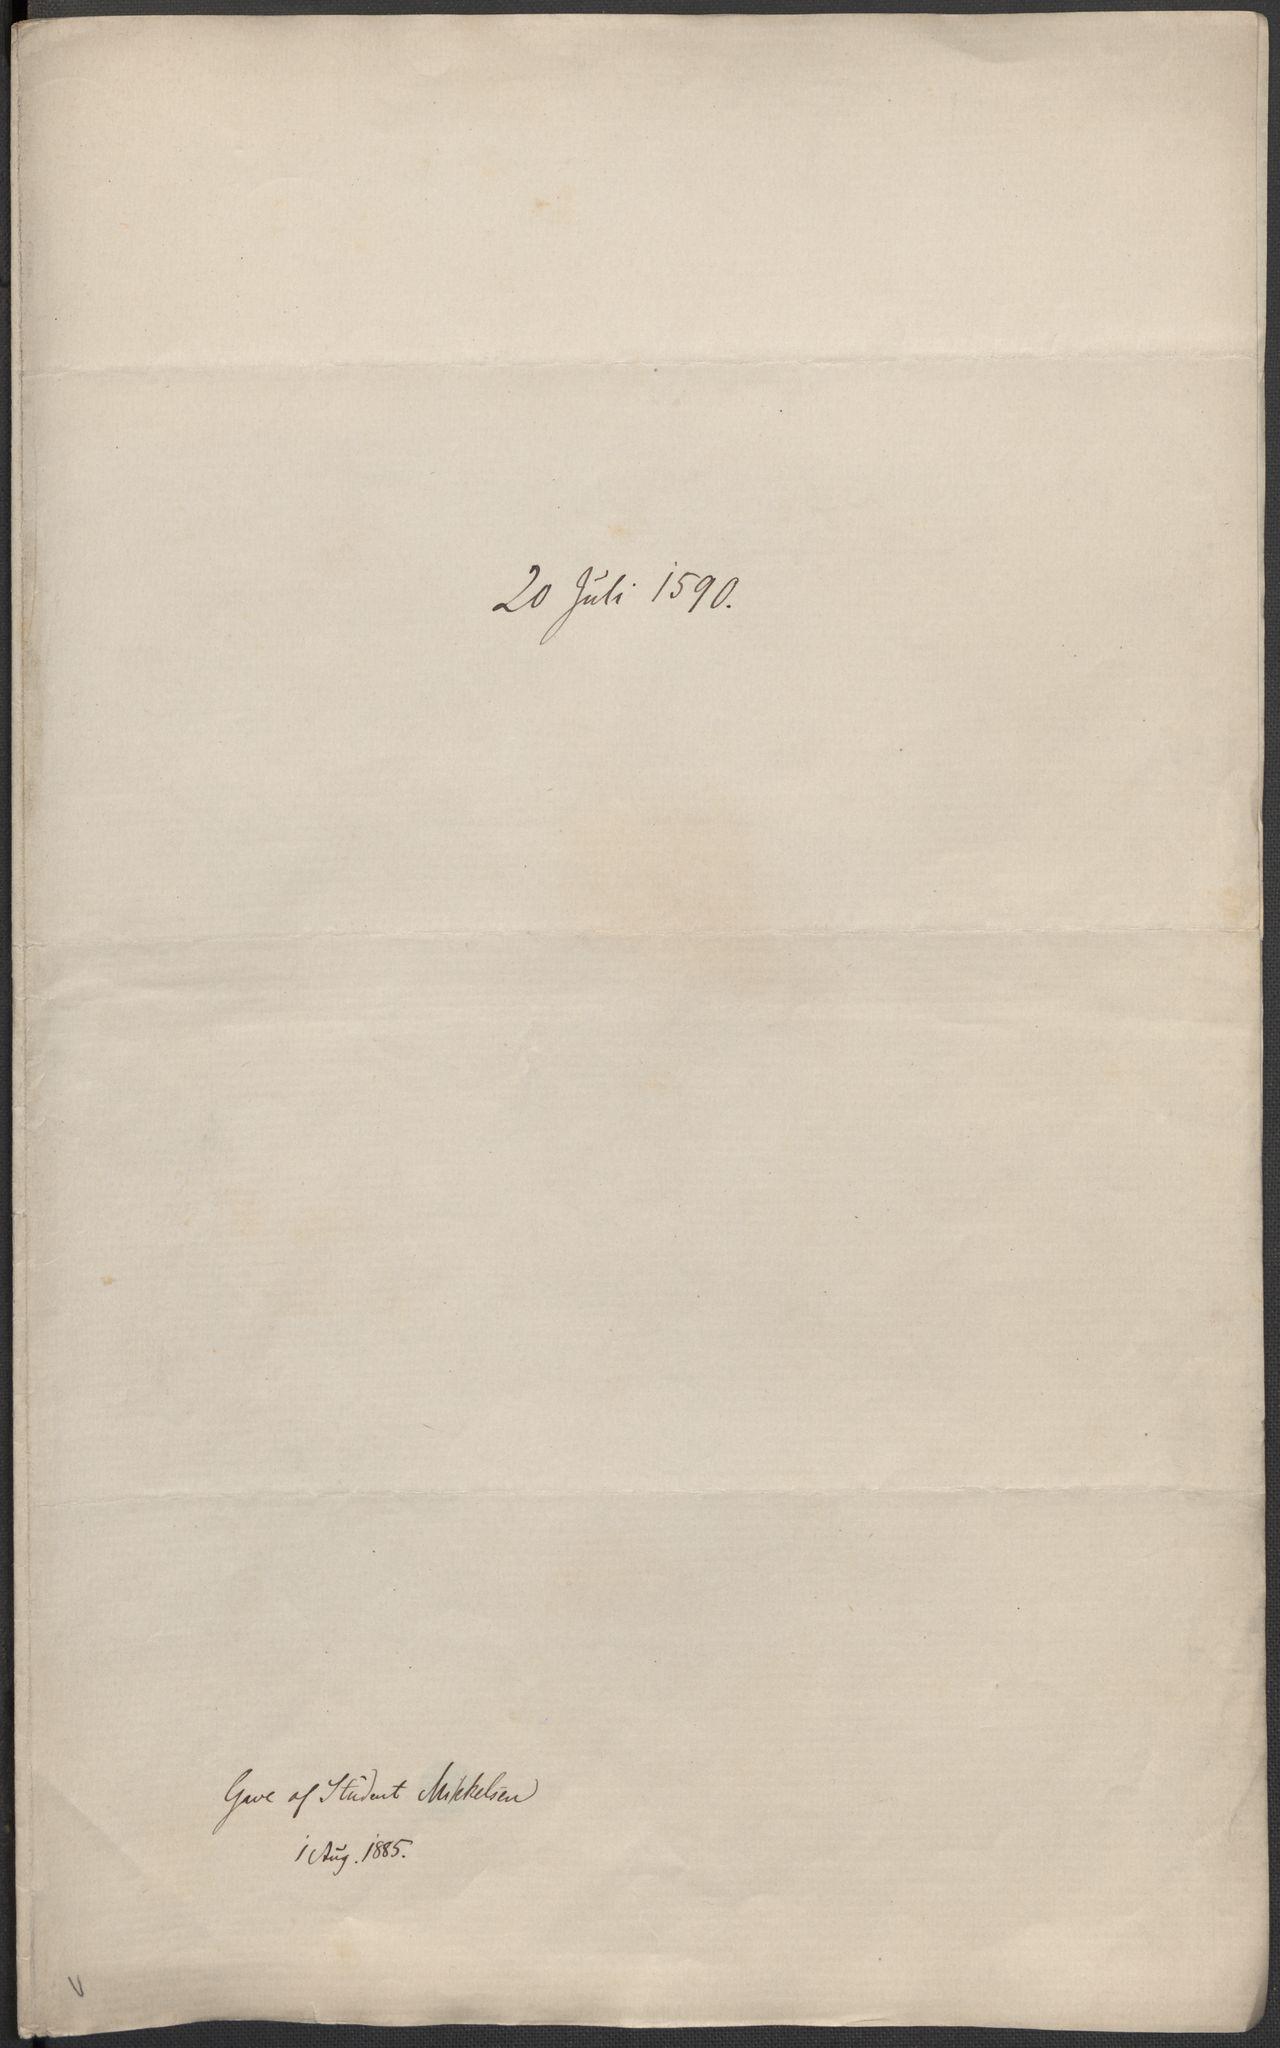 RA, Riksarkivets diplomsamling, F02/L0092: Dokumenter, 1590, s. 2